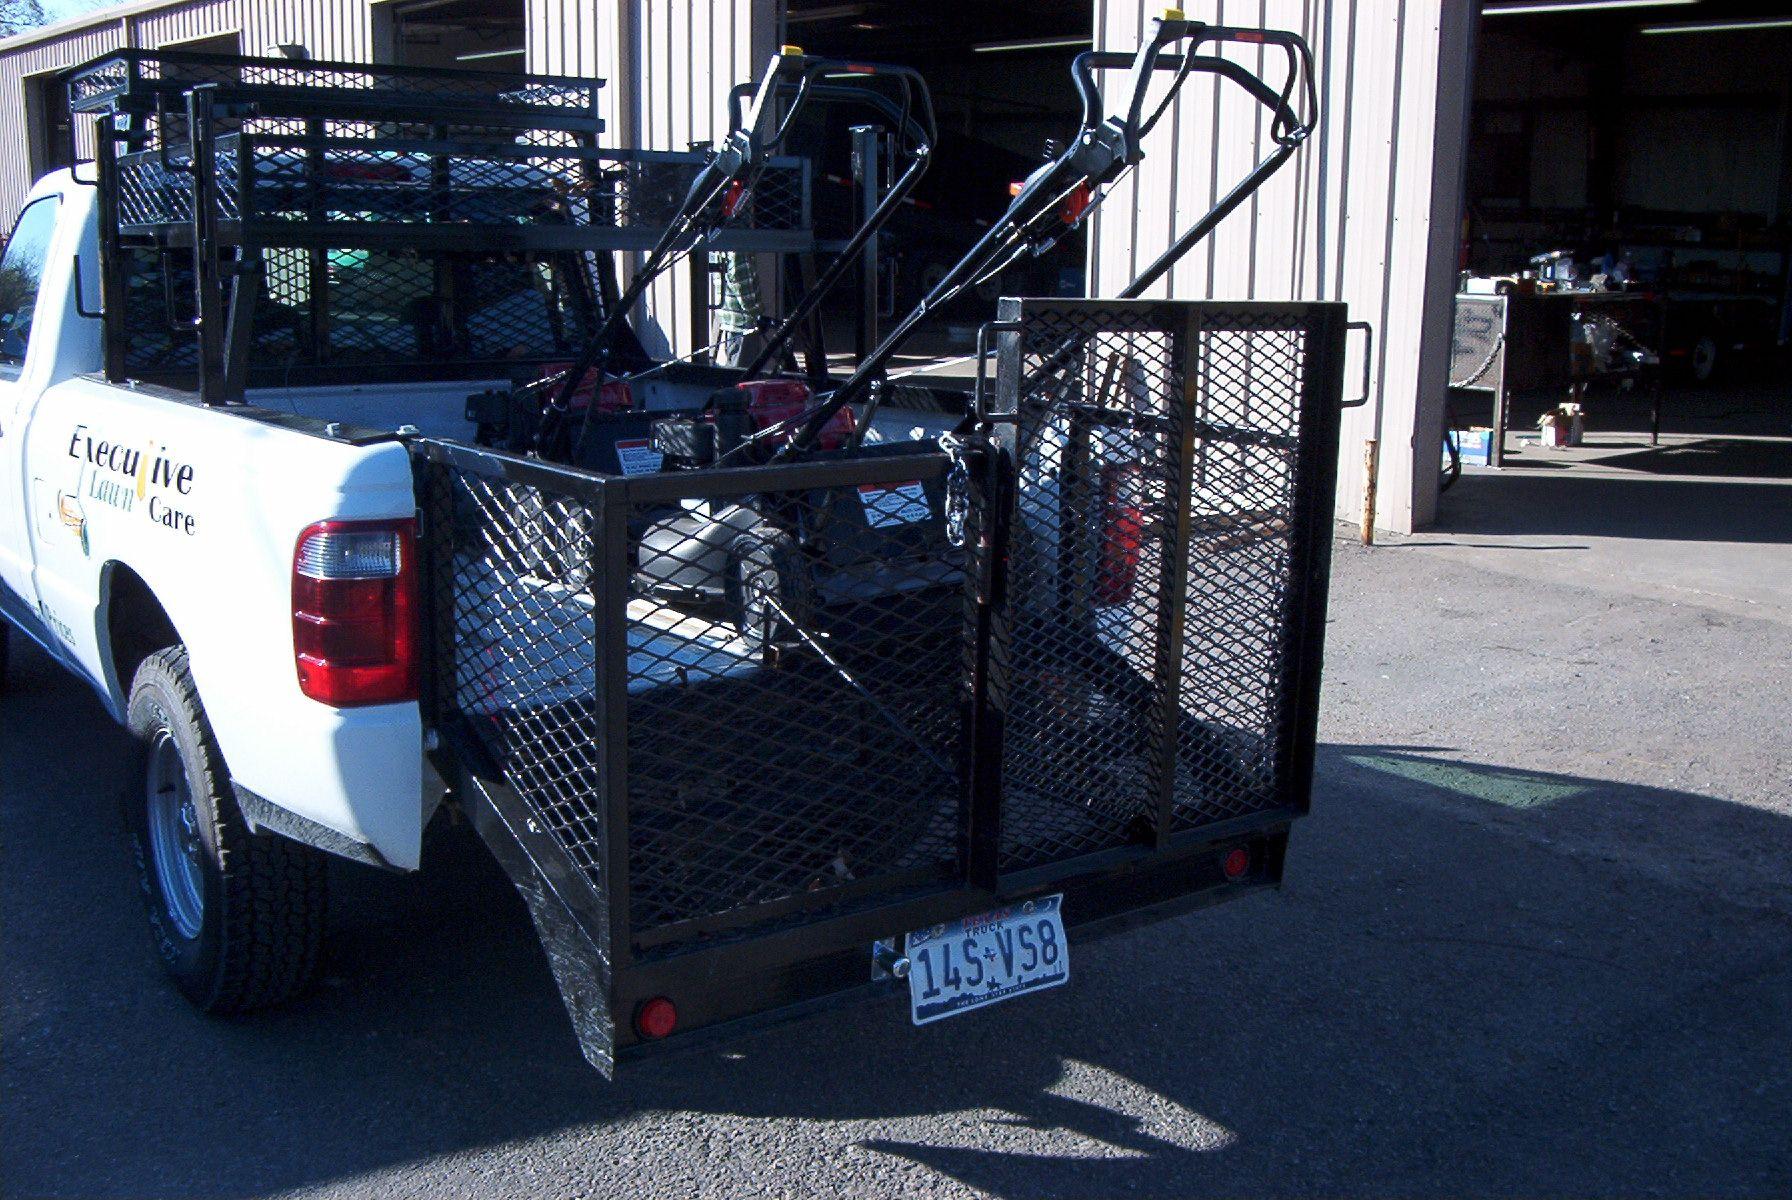 Ron 0021 Jpg 1 792 1 200 Pixels Lawn Trailer Custom Truck Beds